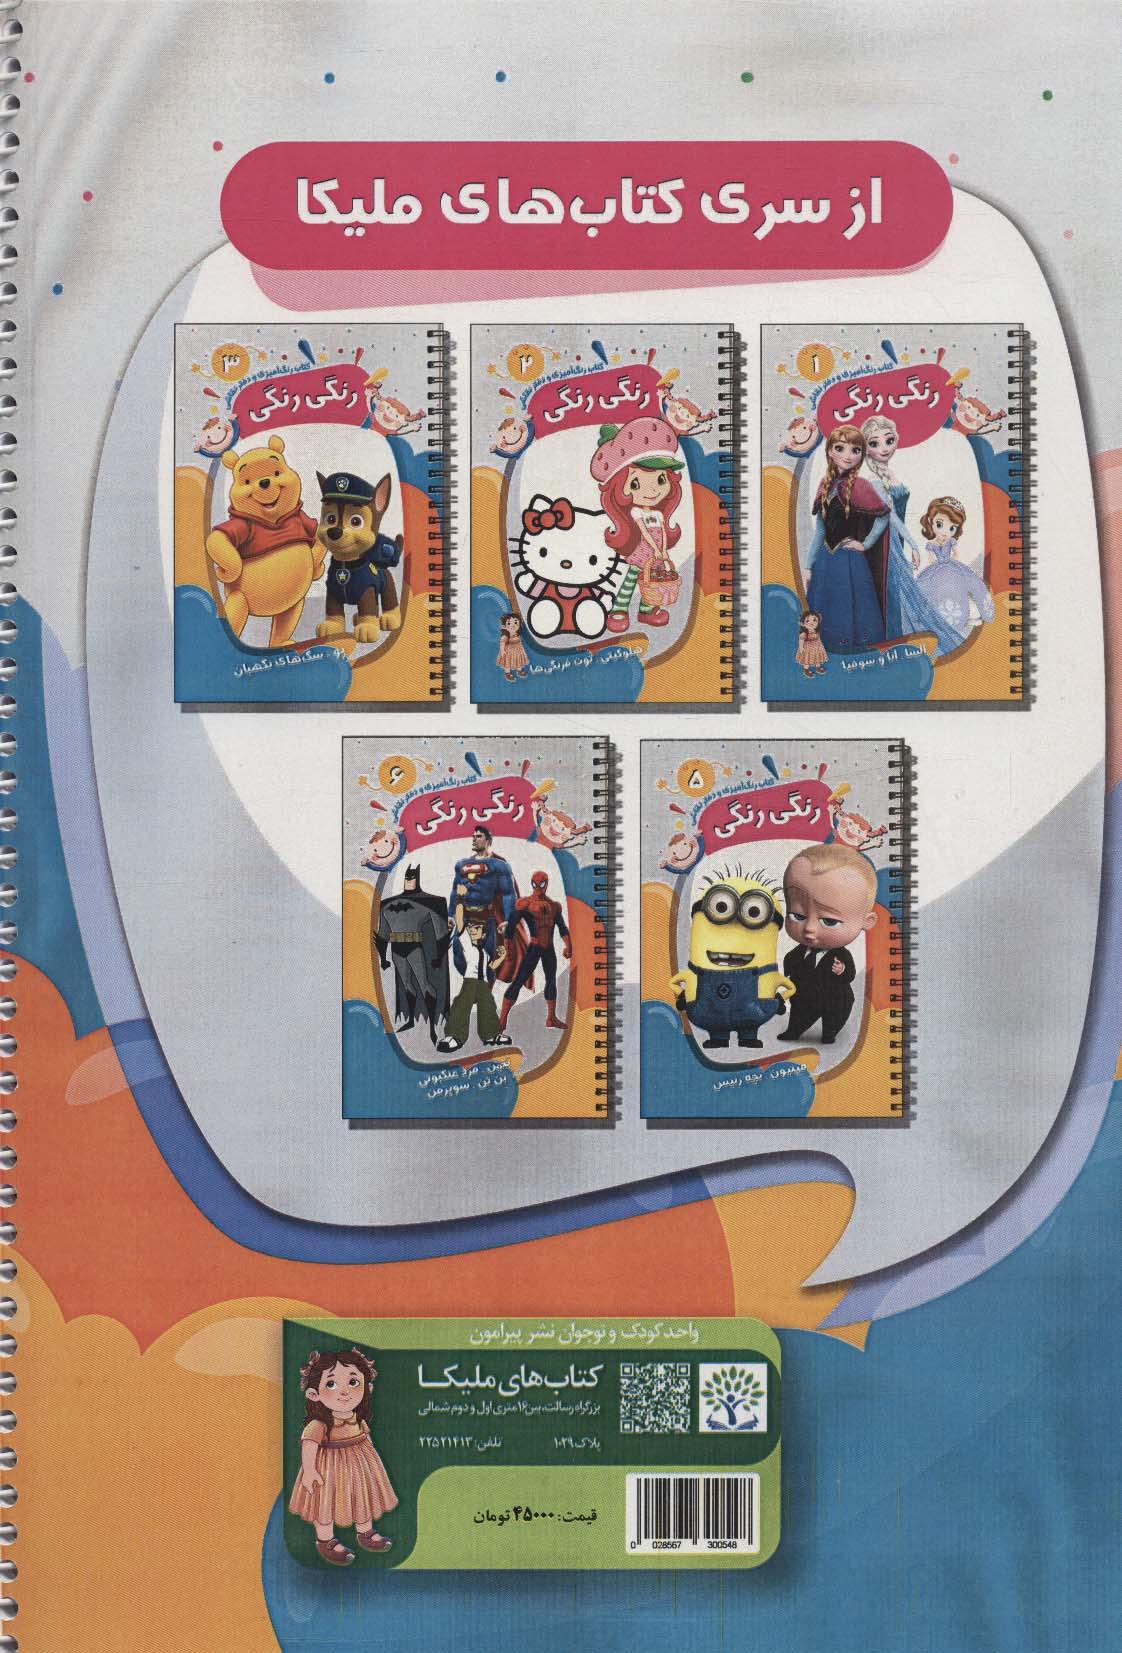 کتاب رنگ آمیزی و دفتر نقاشی رنگی رنگی 4 (مک کویین-باب اسفنجی)،(سیمی)